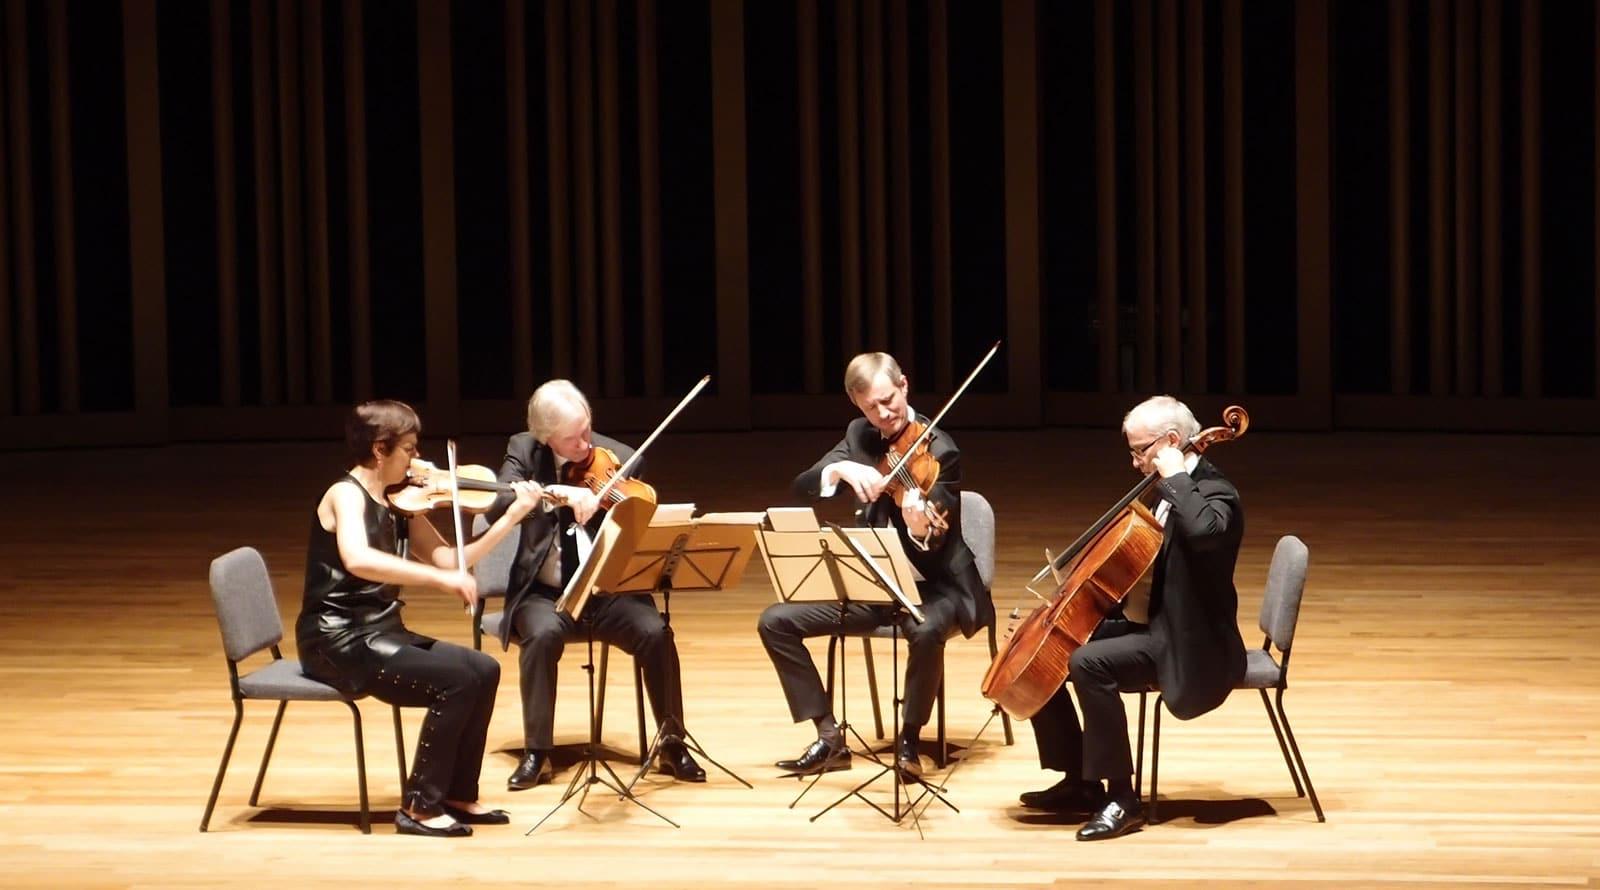 Concert de musique de chambre en hommage henri dutilleux for Bach musique de chambre